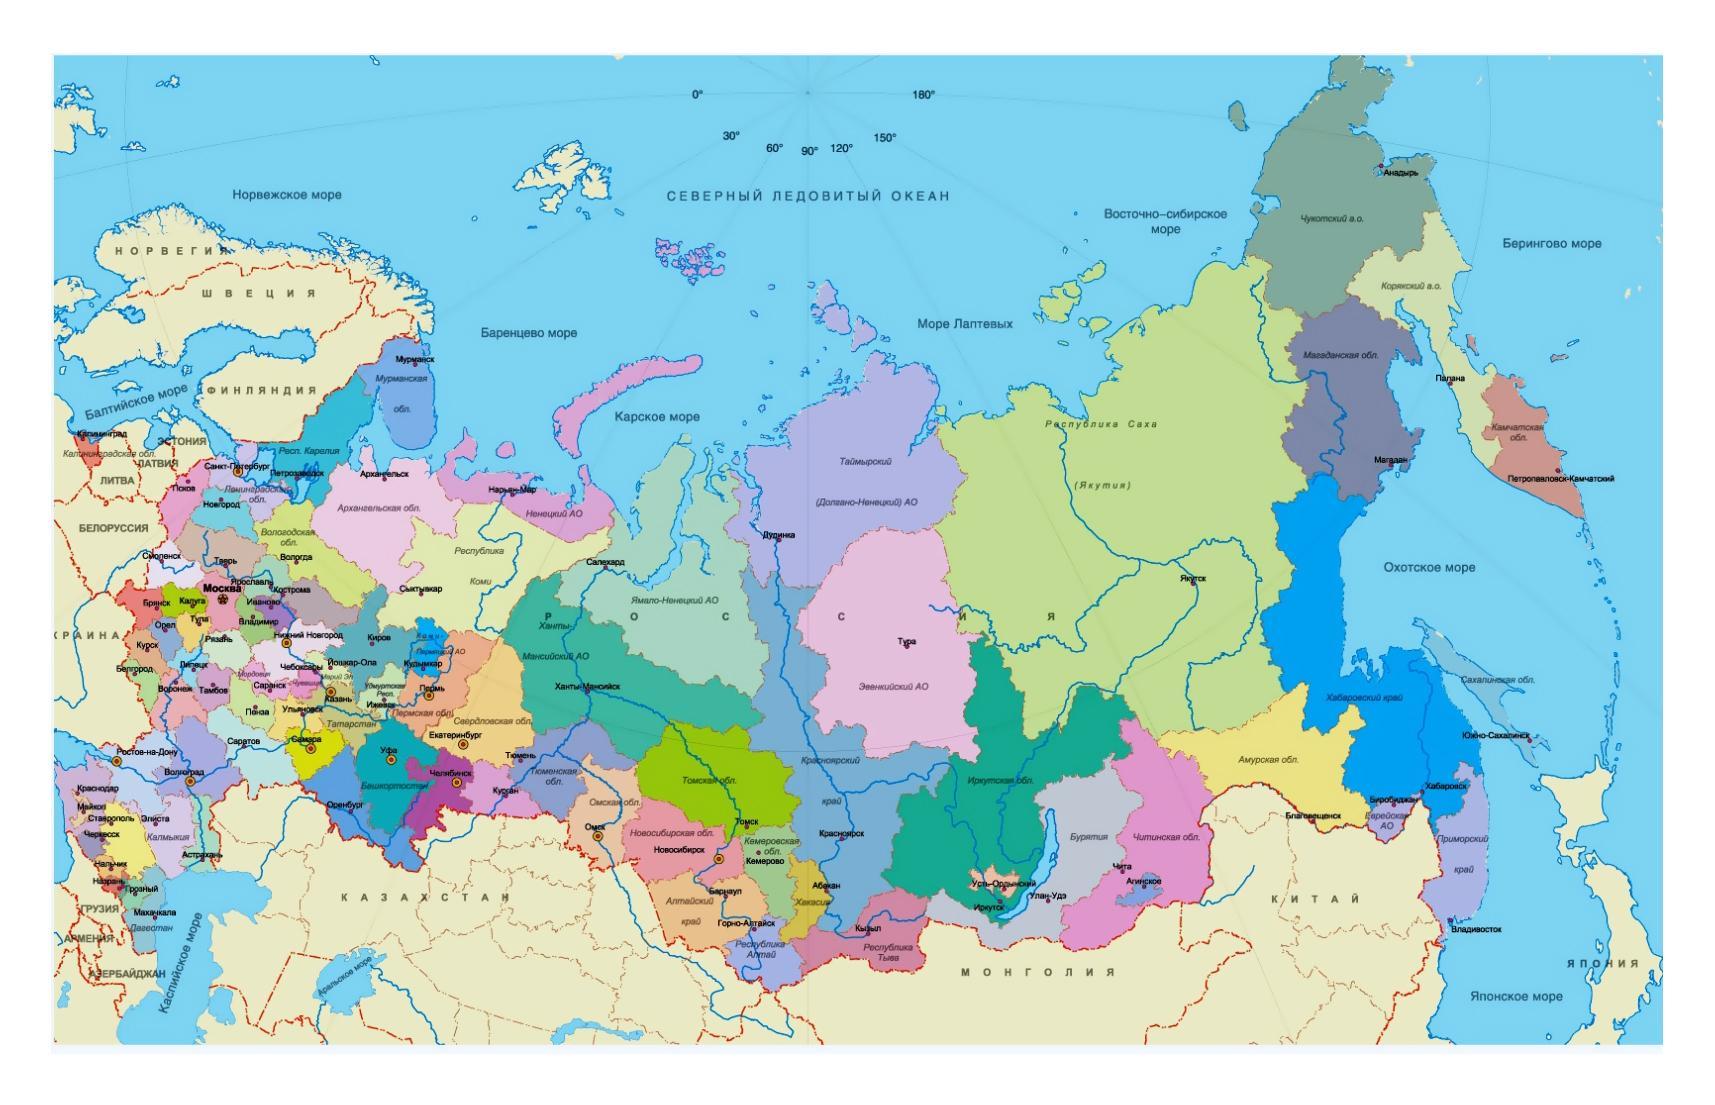 Cartina Russia Regioni.Le Regioni Della Federazione Russa Sulla Mappa Russia Mappa Regioni Europa Dell Est Europa